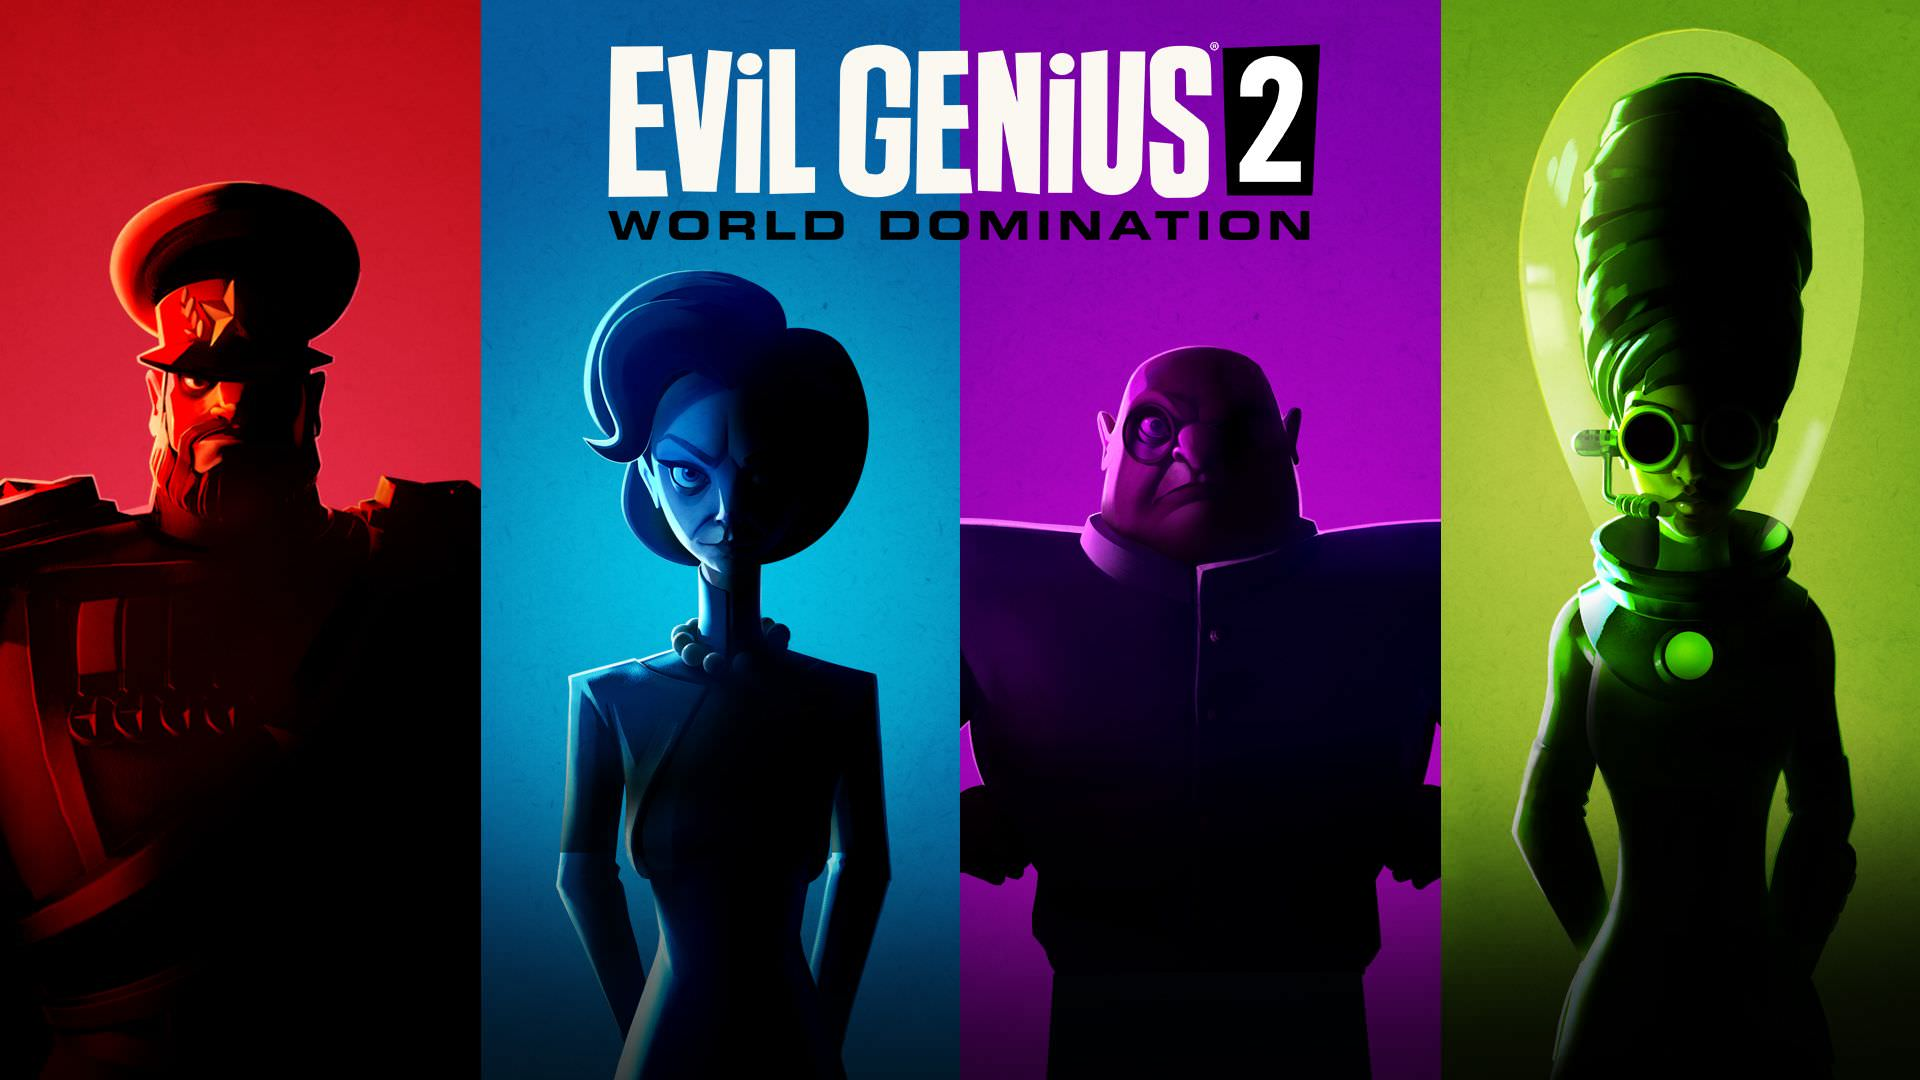 چهار شخصیت شرور بازی Evil Genius 2: World Domination